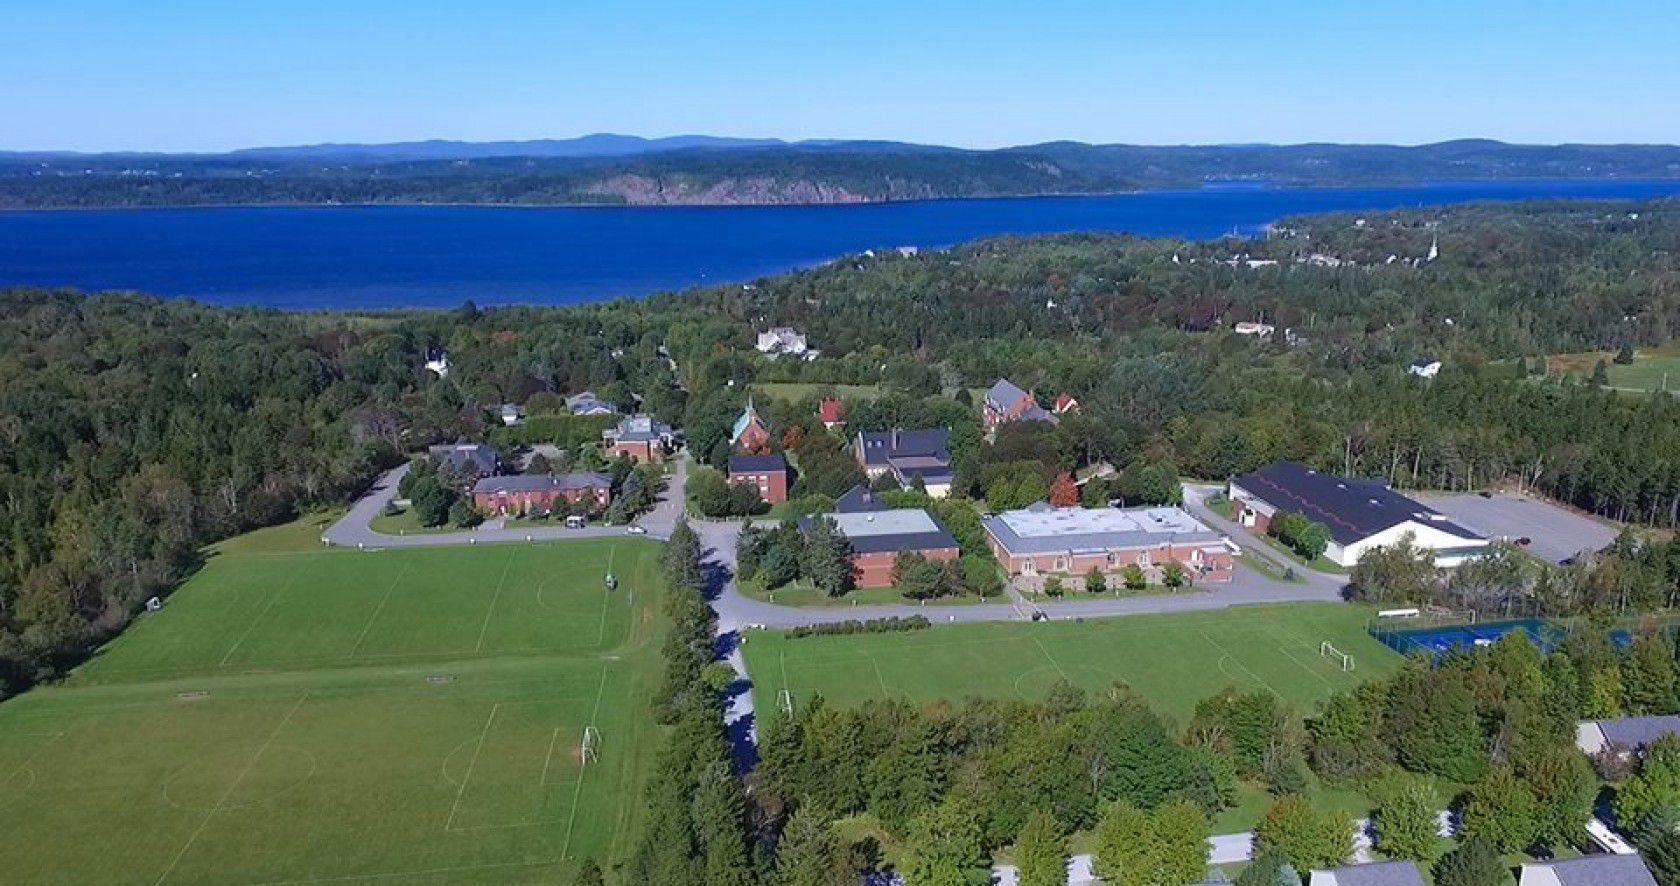 Kanada'nın En Eski Özel Liselerinden Rothesay Netherwood School (RNS)